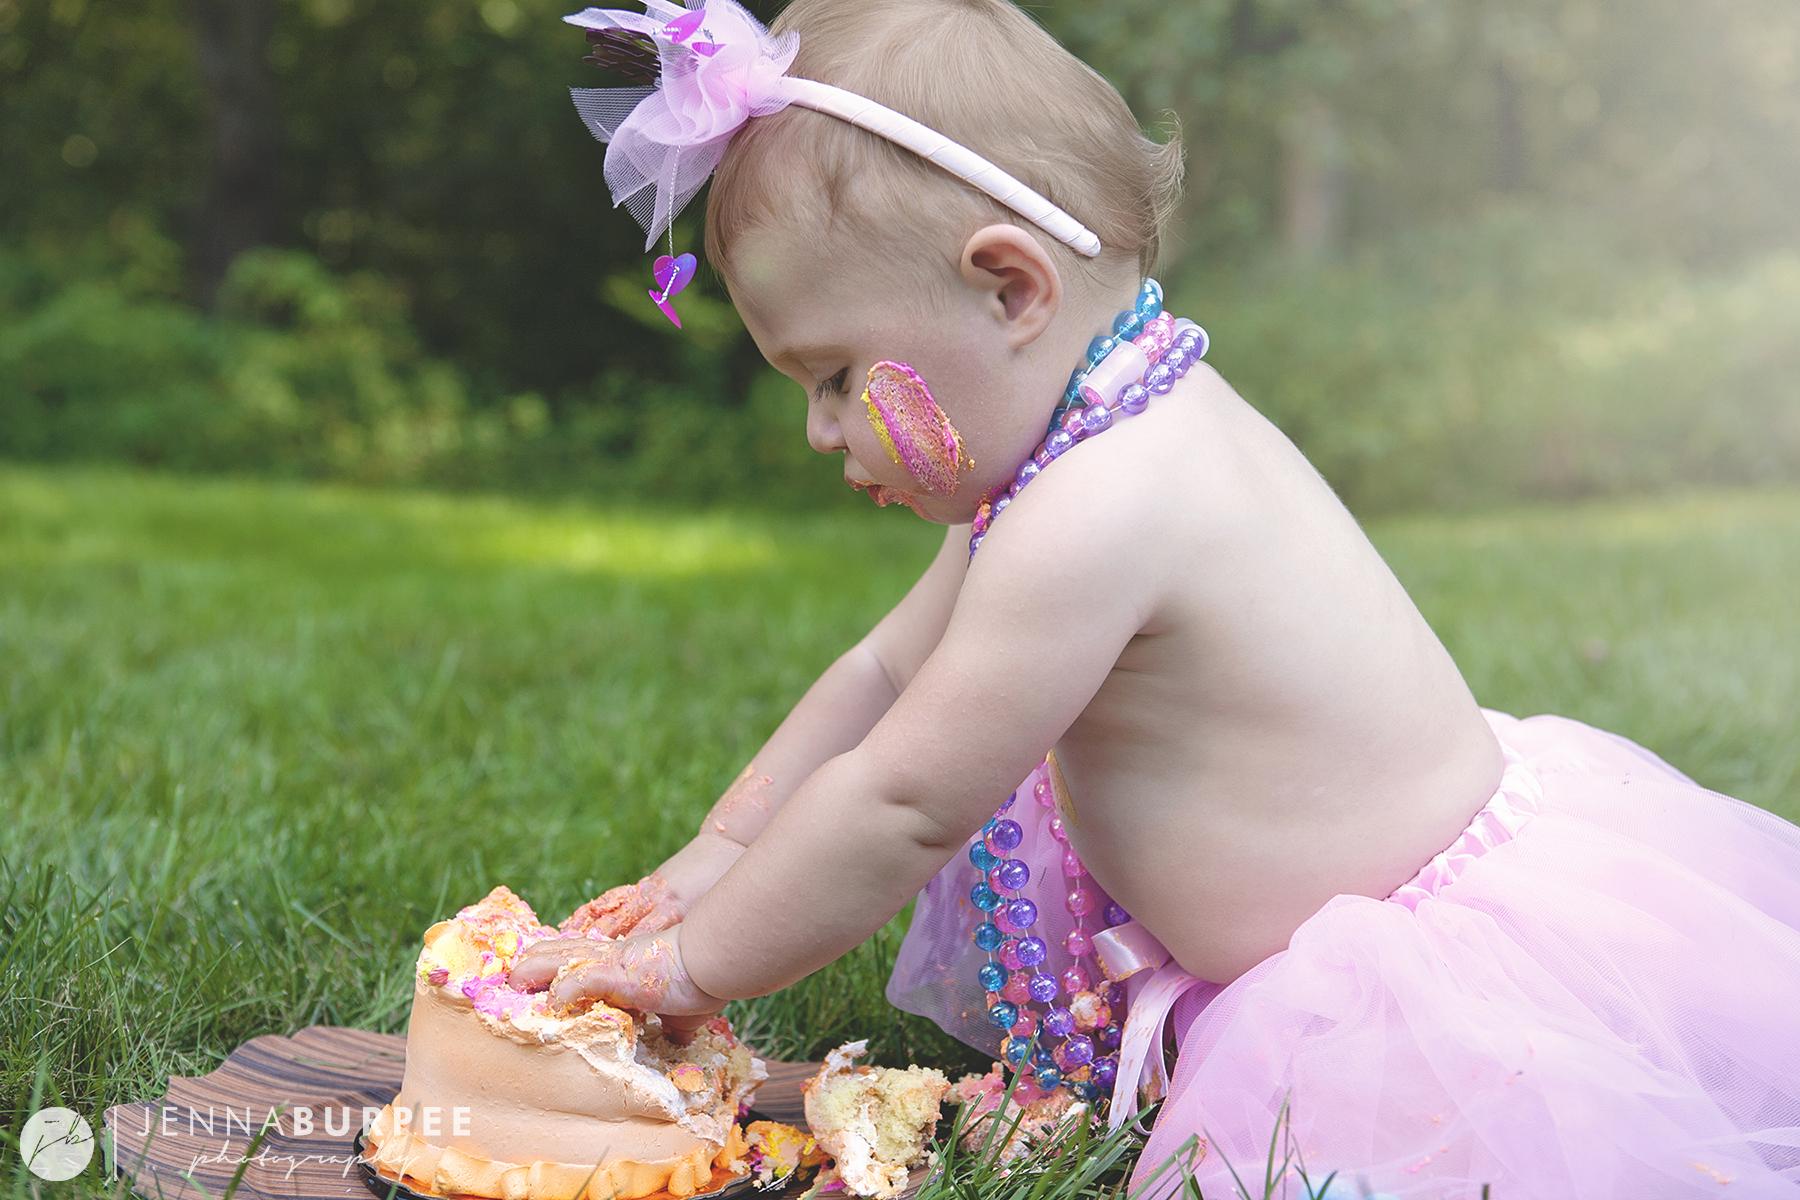 BabyAlex_CakeSmash12